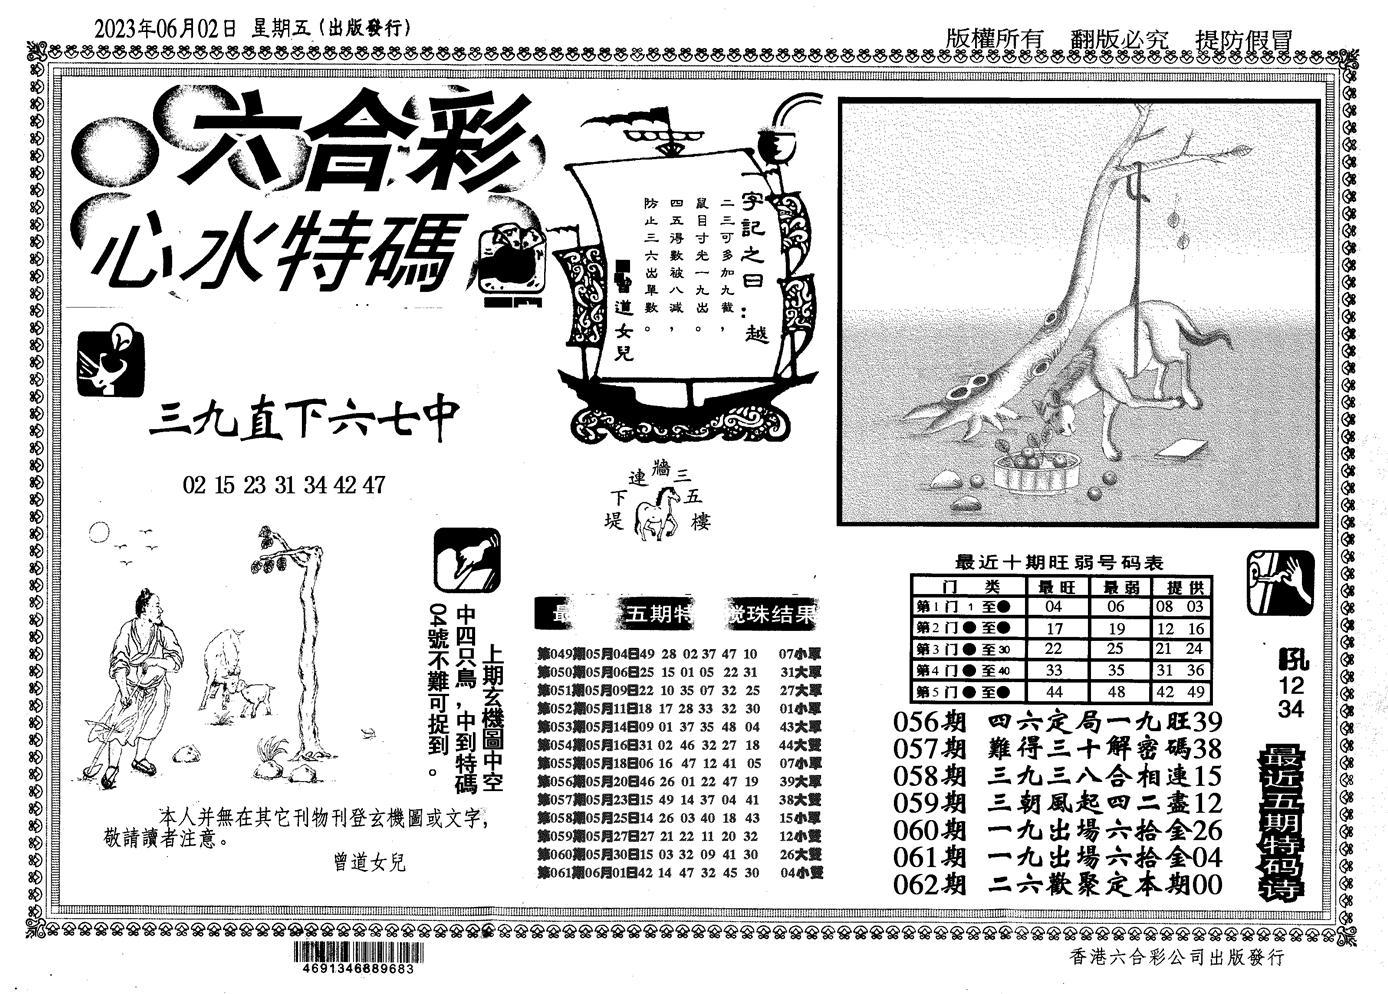 062期心水特码信封(黑白)